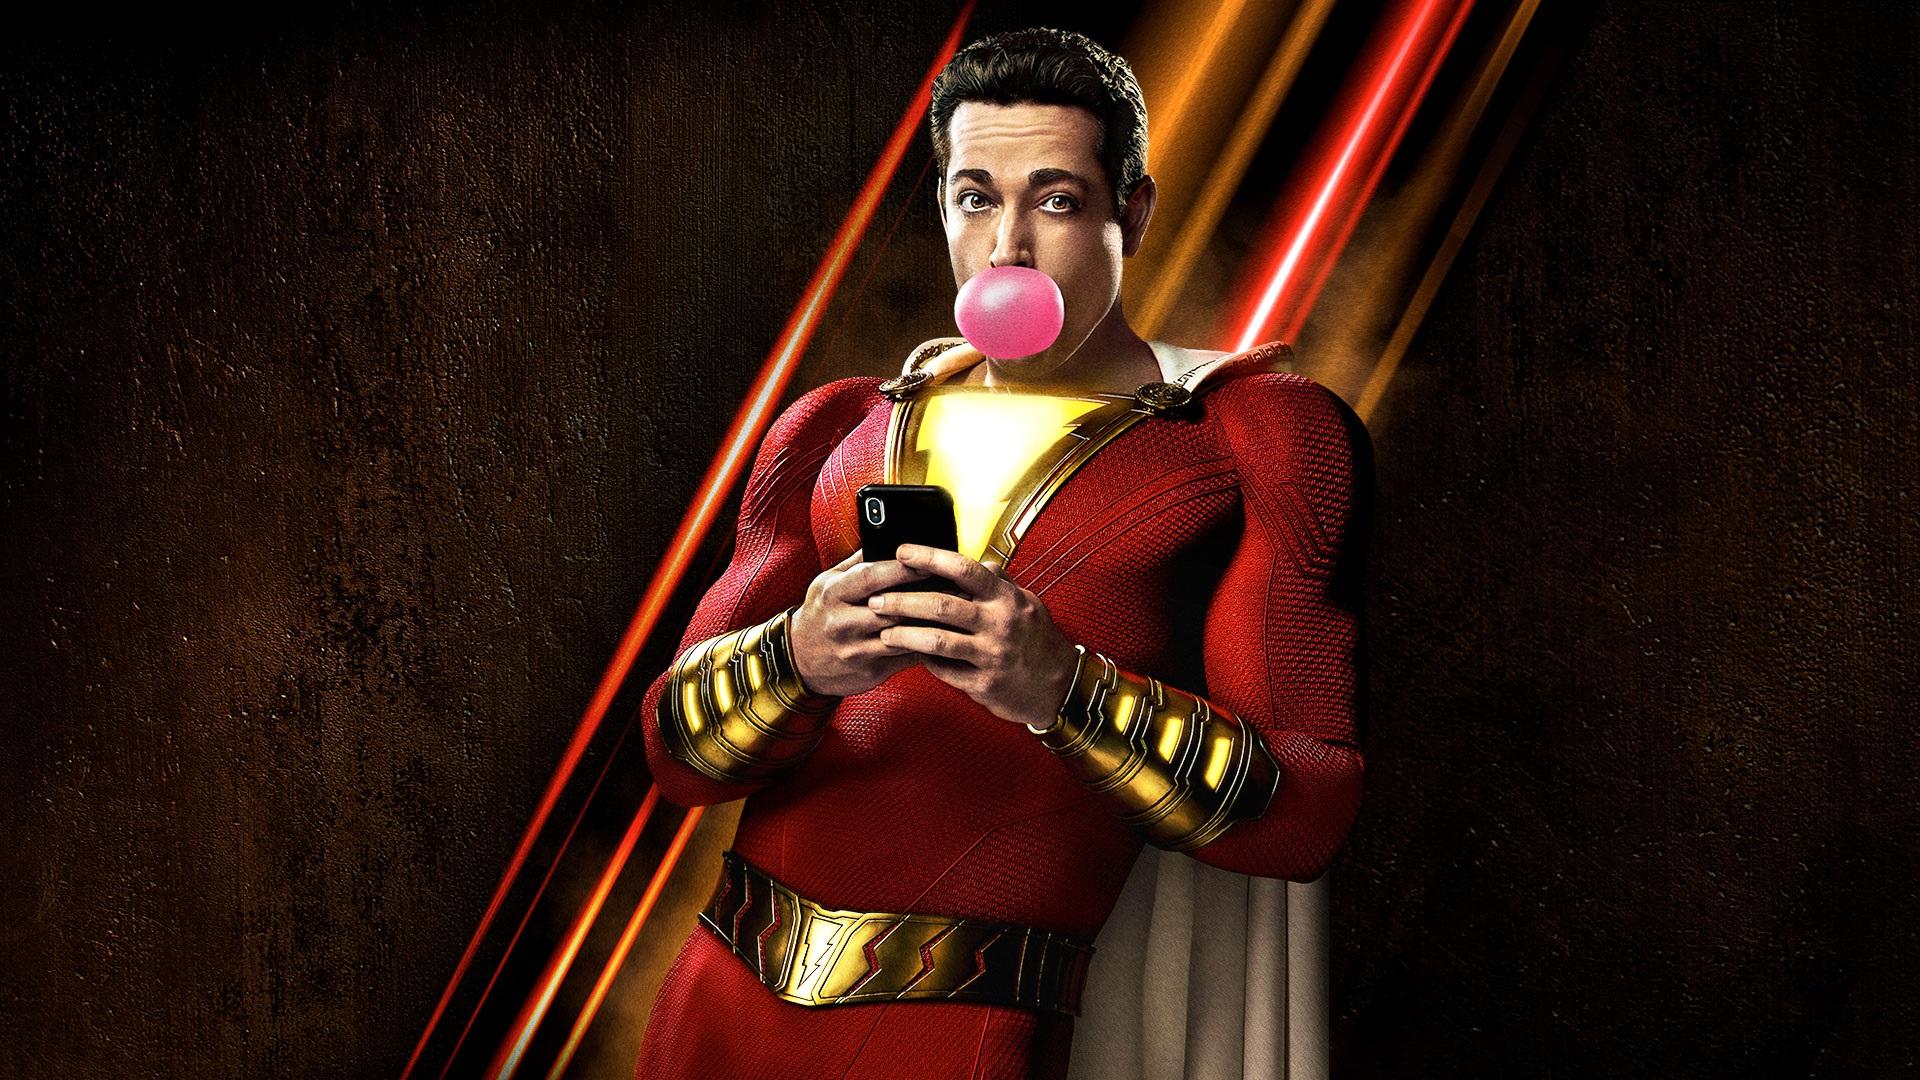 Durante o DC FanDome na última semana, o elenco de Shazam! anunciou o título da continuação, que vai se chamar Shazam! Fury of the Gods.